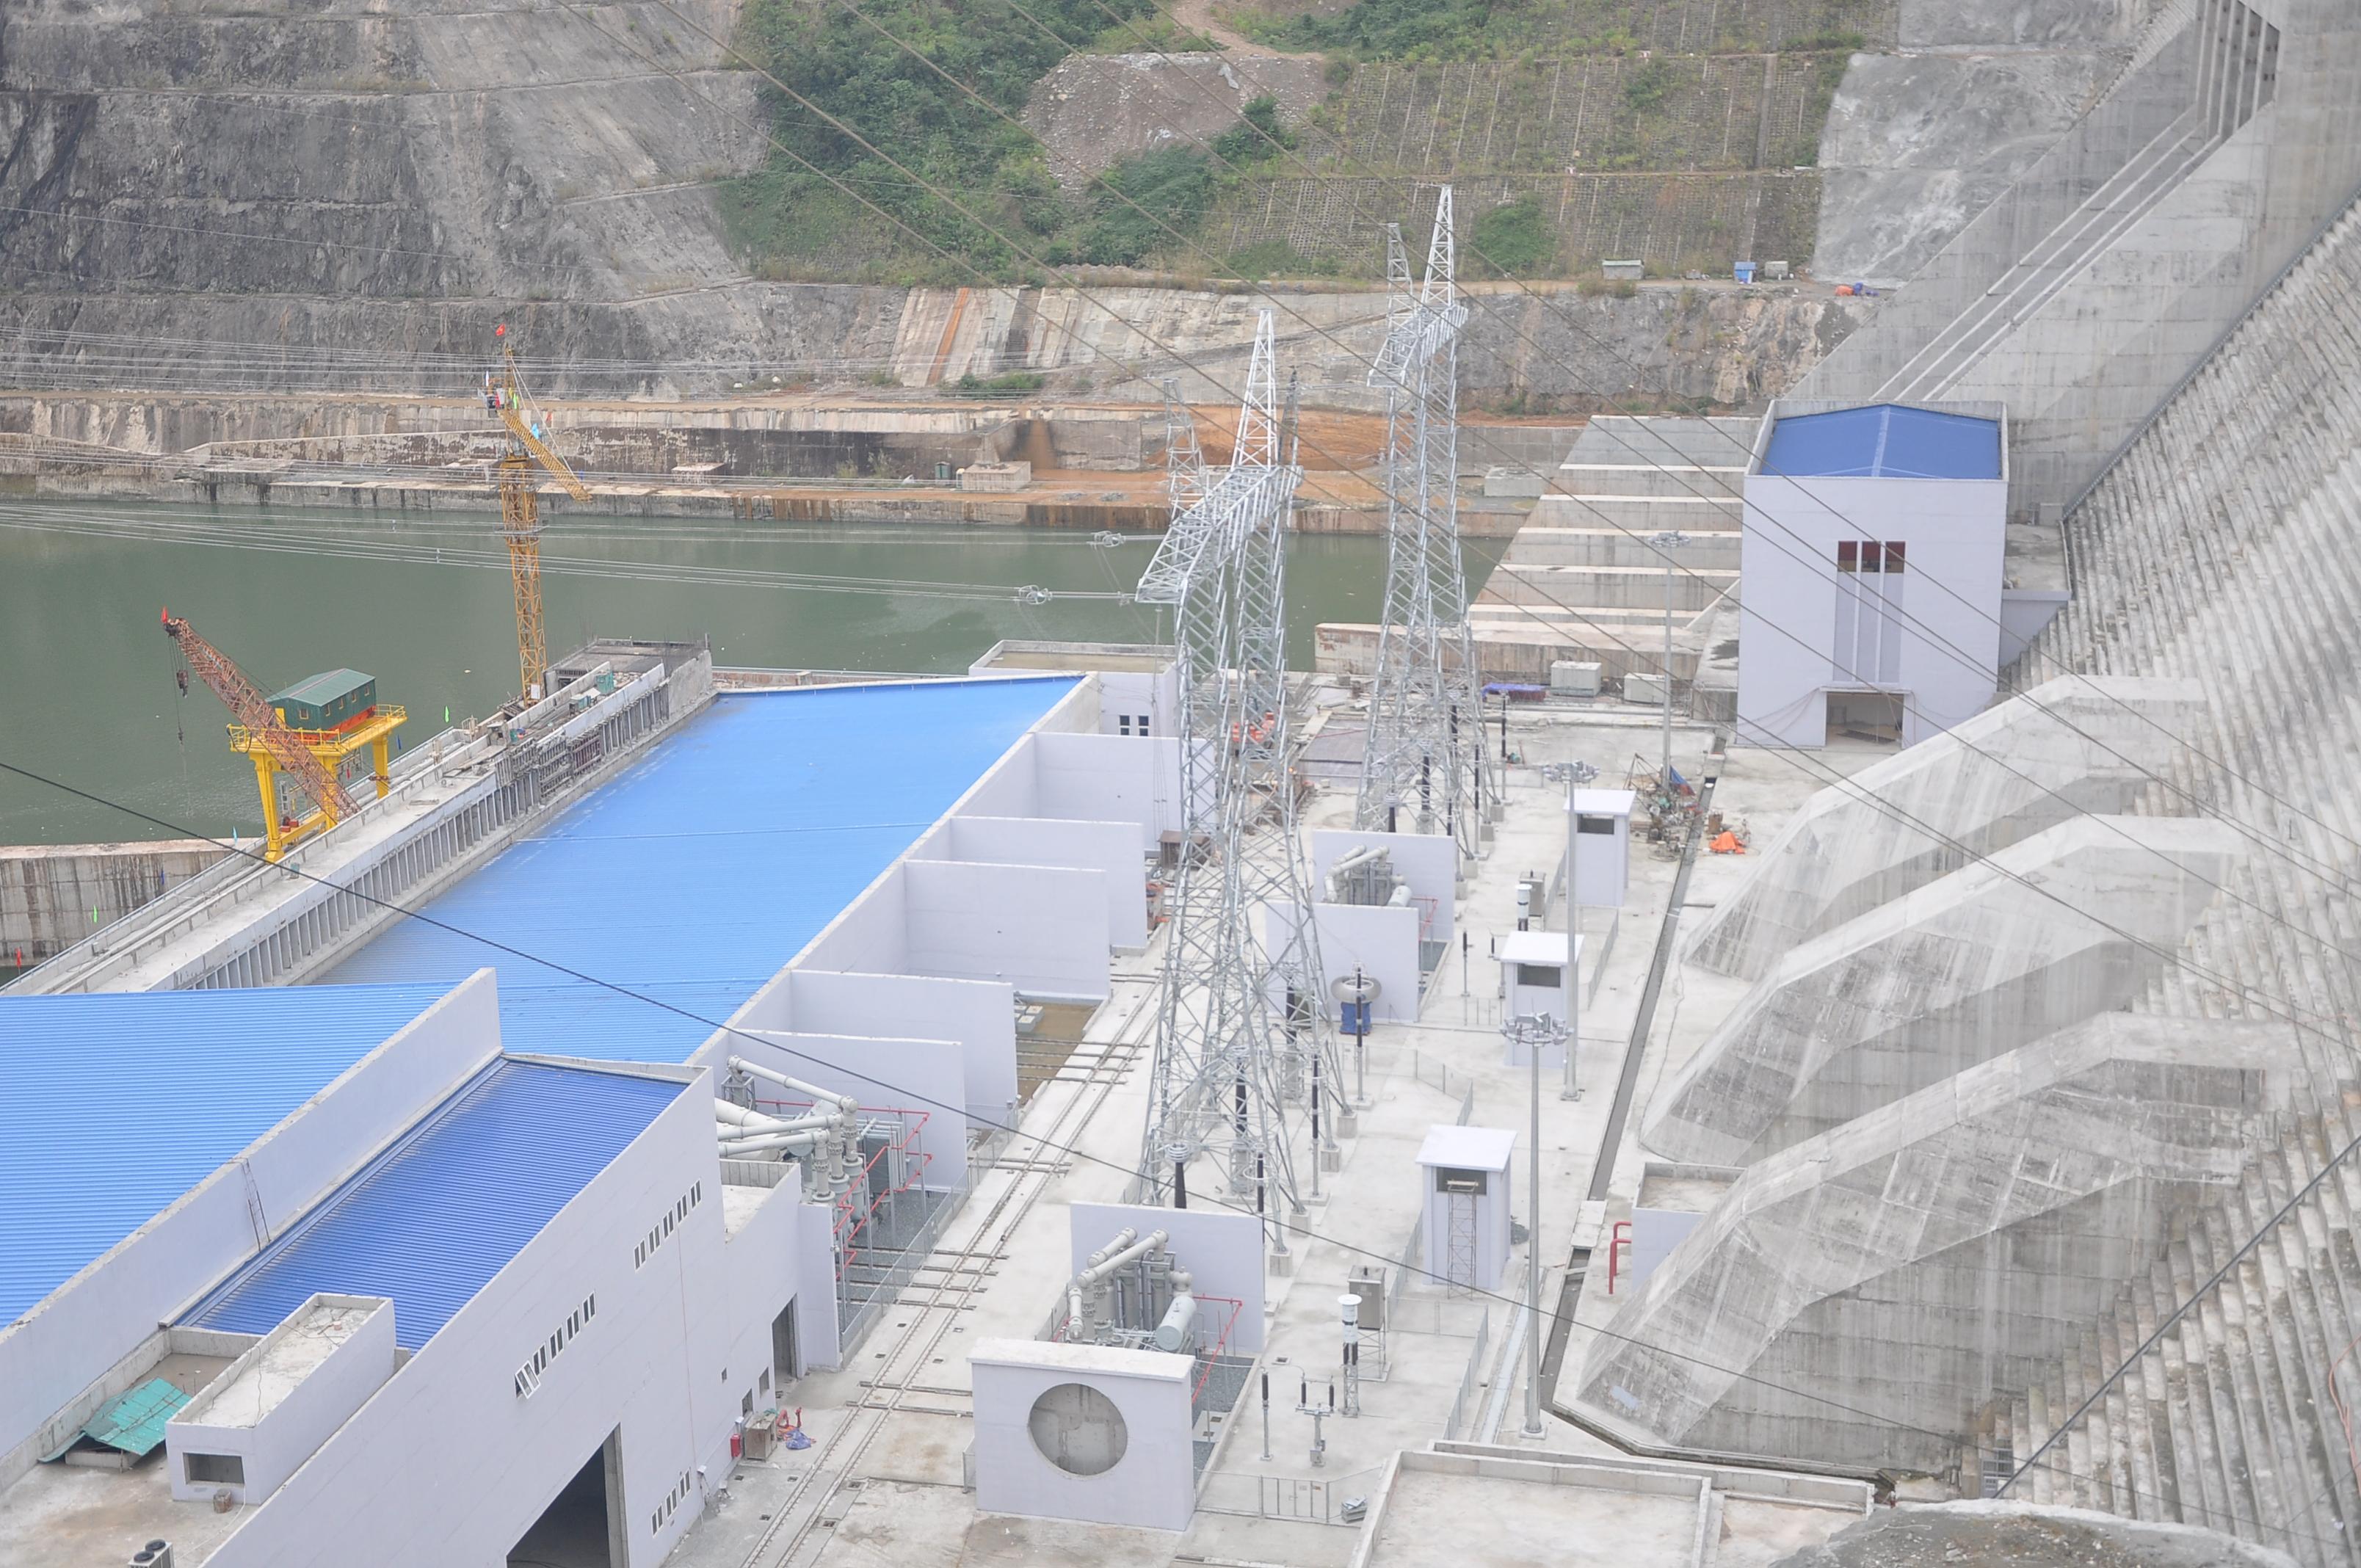 Dưới đập Thủy điện Lai Châu, các hạng mục xây dựng liên quan đến nhà điều hành, hệ thống truyền tải đã sẵn sàng cho năm 2016, khi hai tổ máy 2 và 3 hoàn thành và chính thức phát điện hoàn thiện